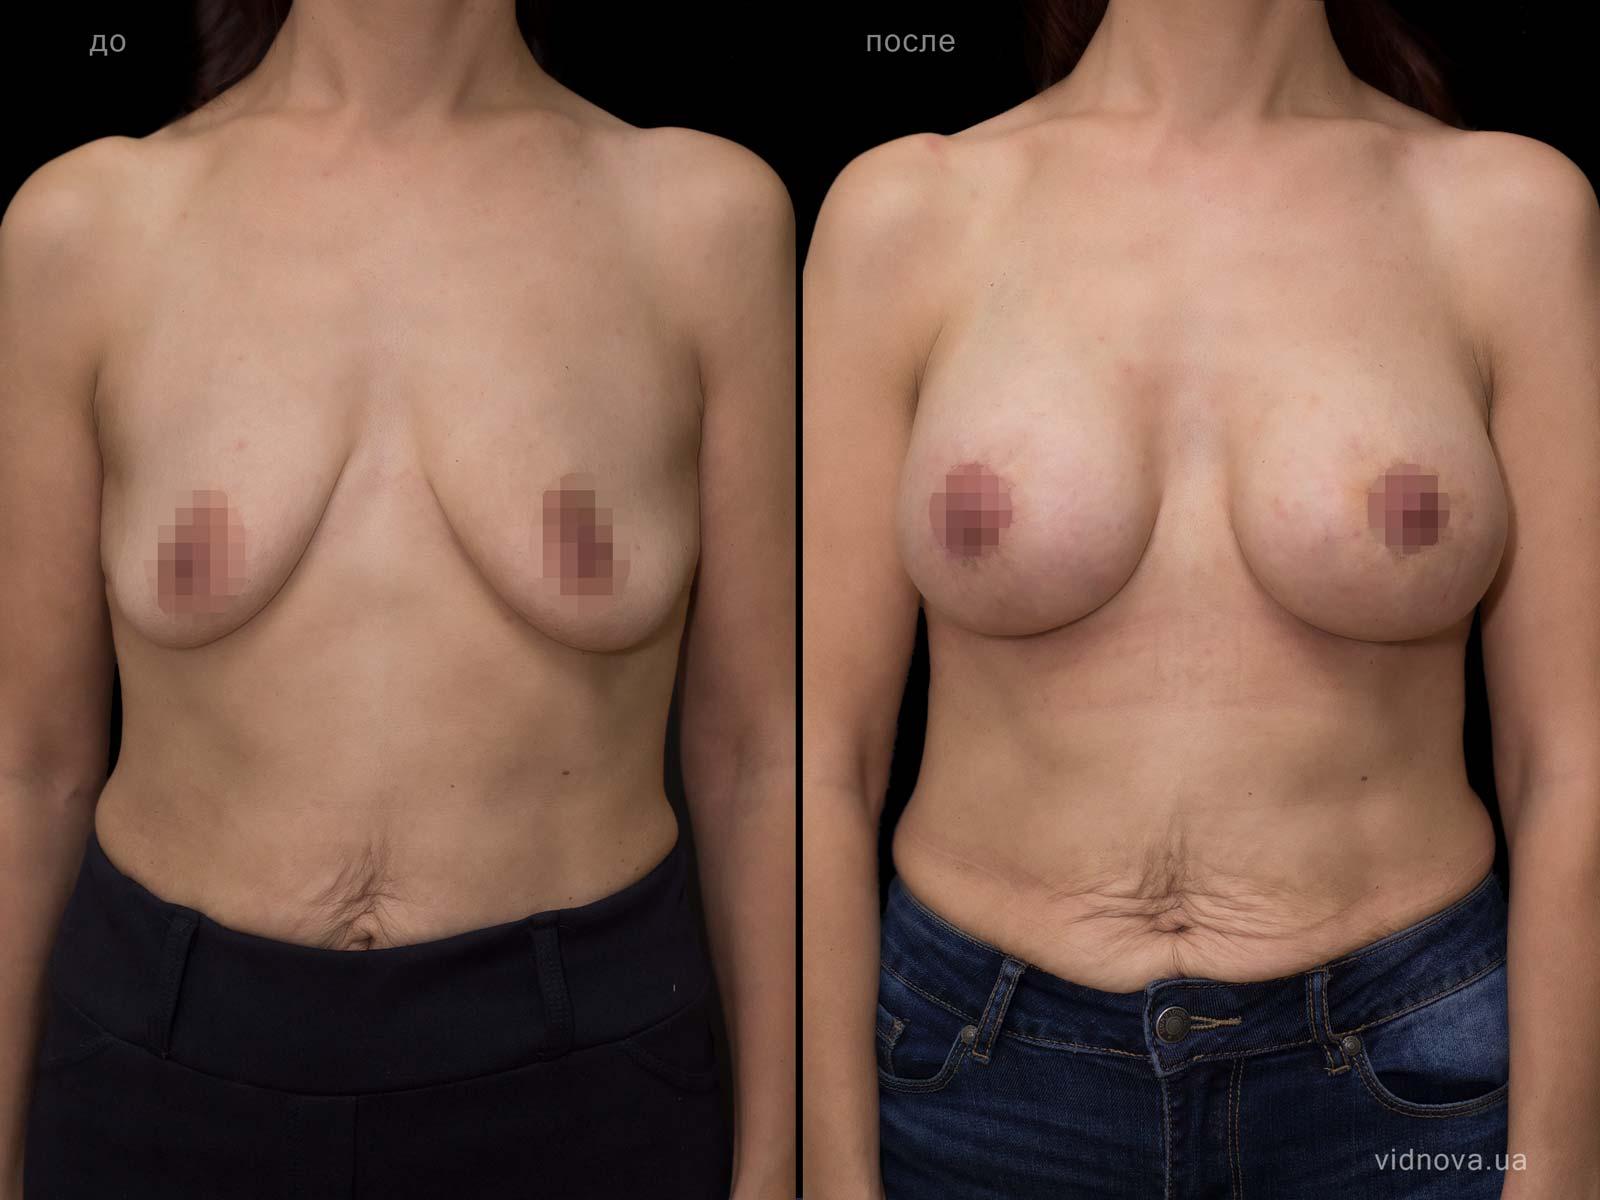 Пластика груди: результаты до и после - Пример №80-0 - Светлана Работенко